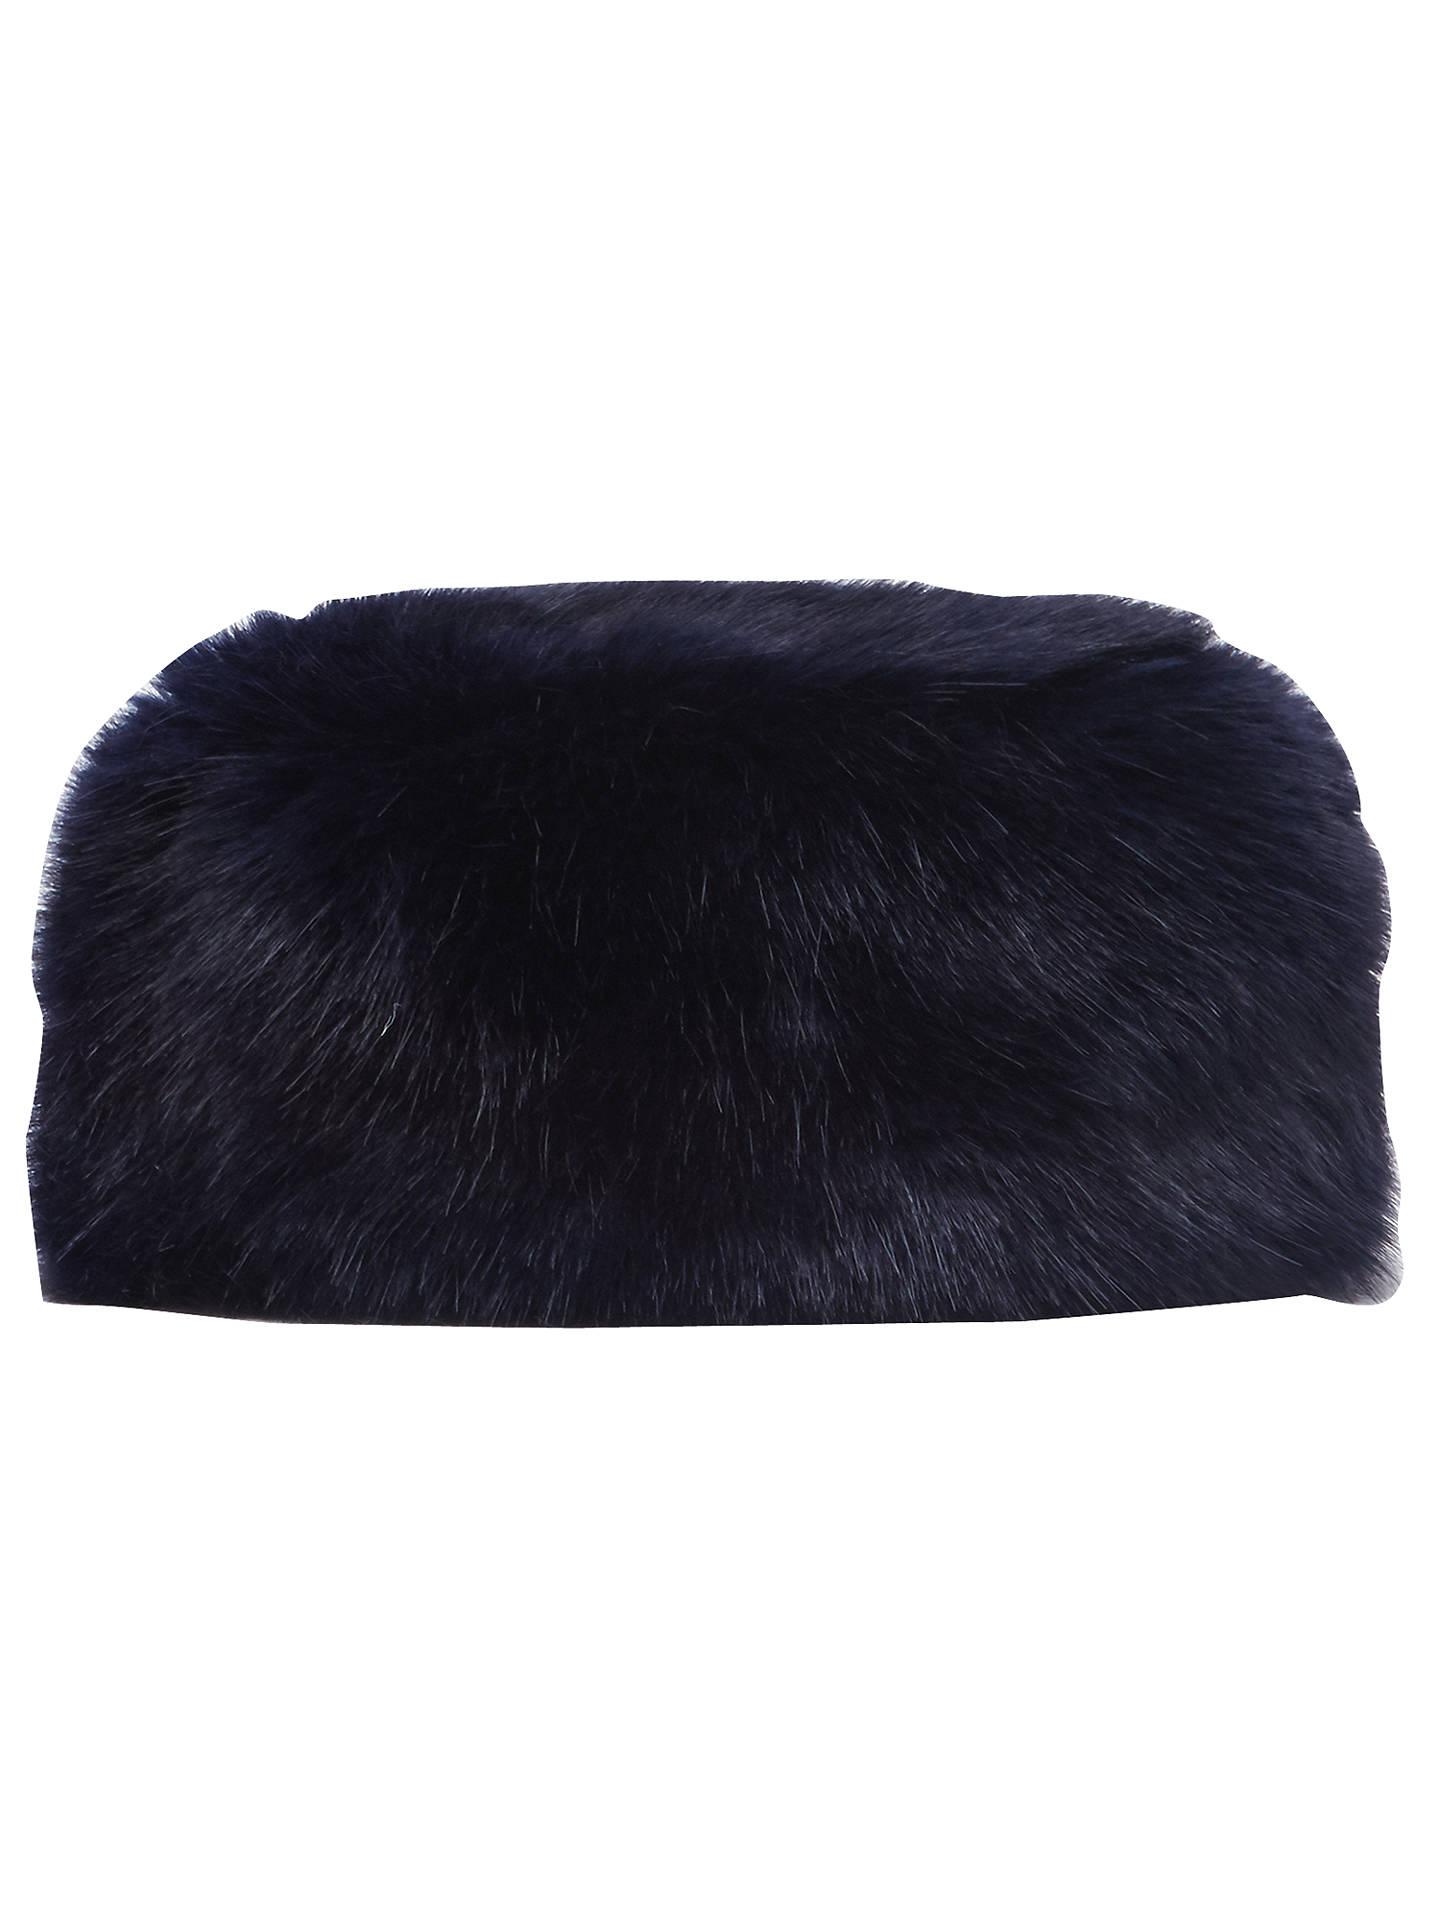 e4563ca042b Buy Reiss Elm Faux Fur Hat